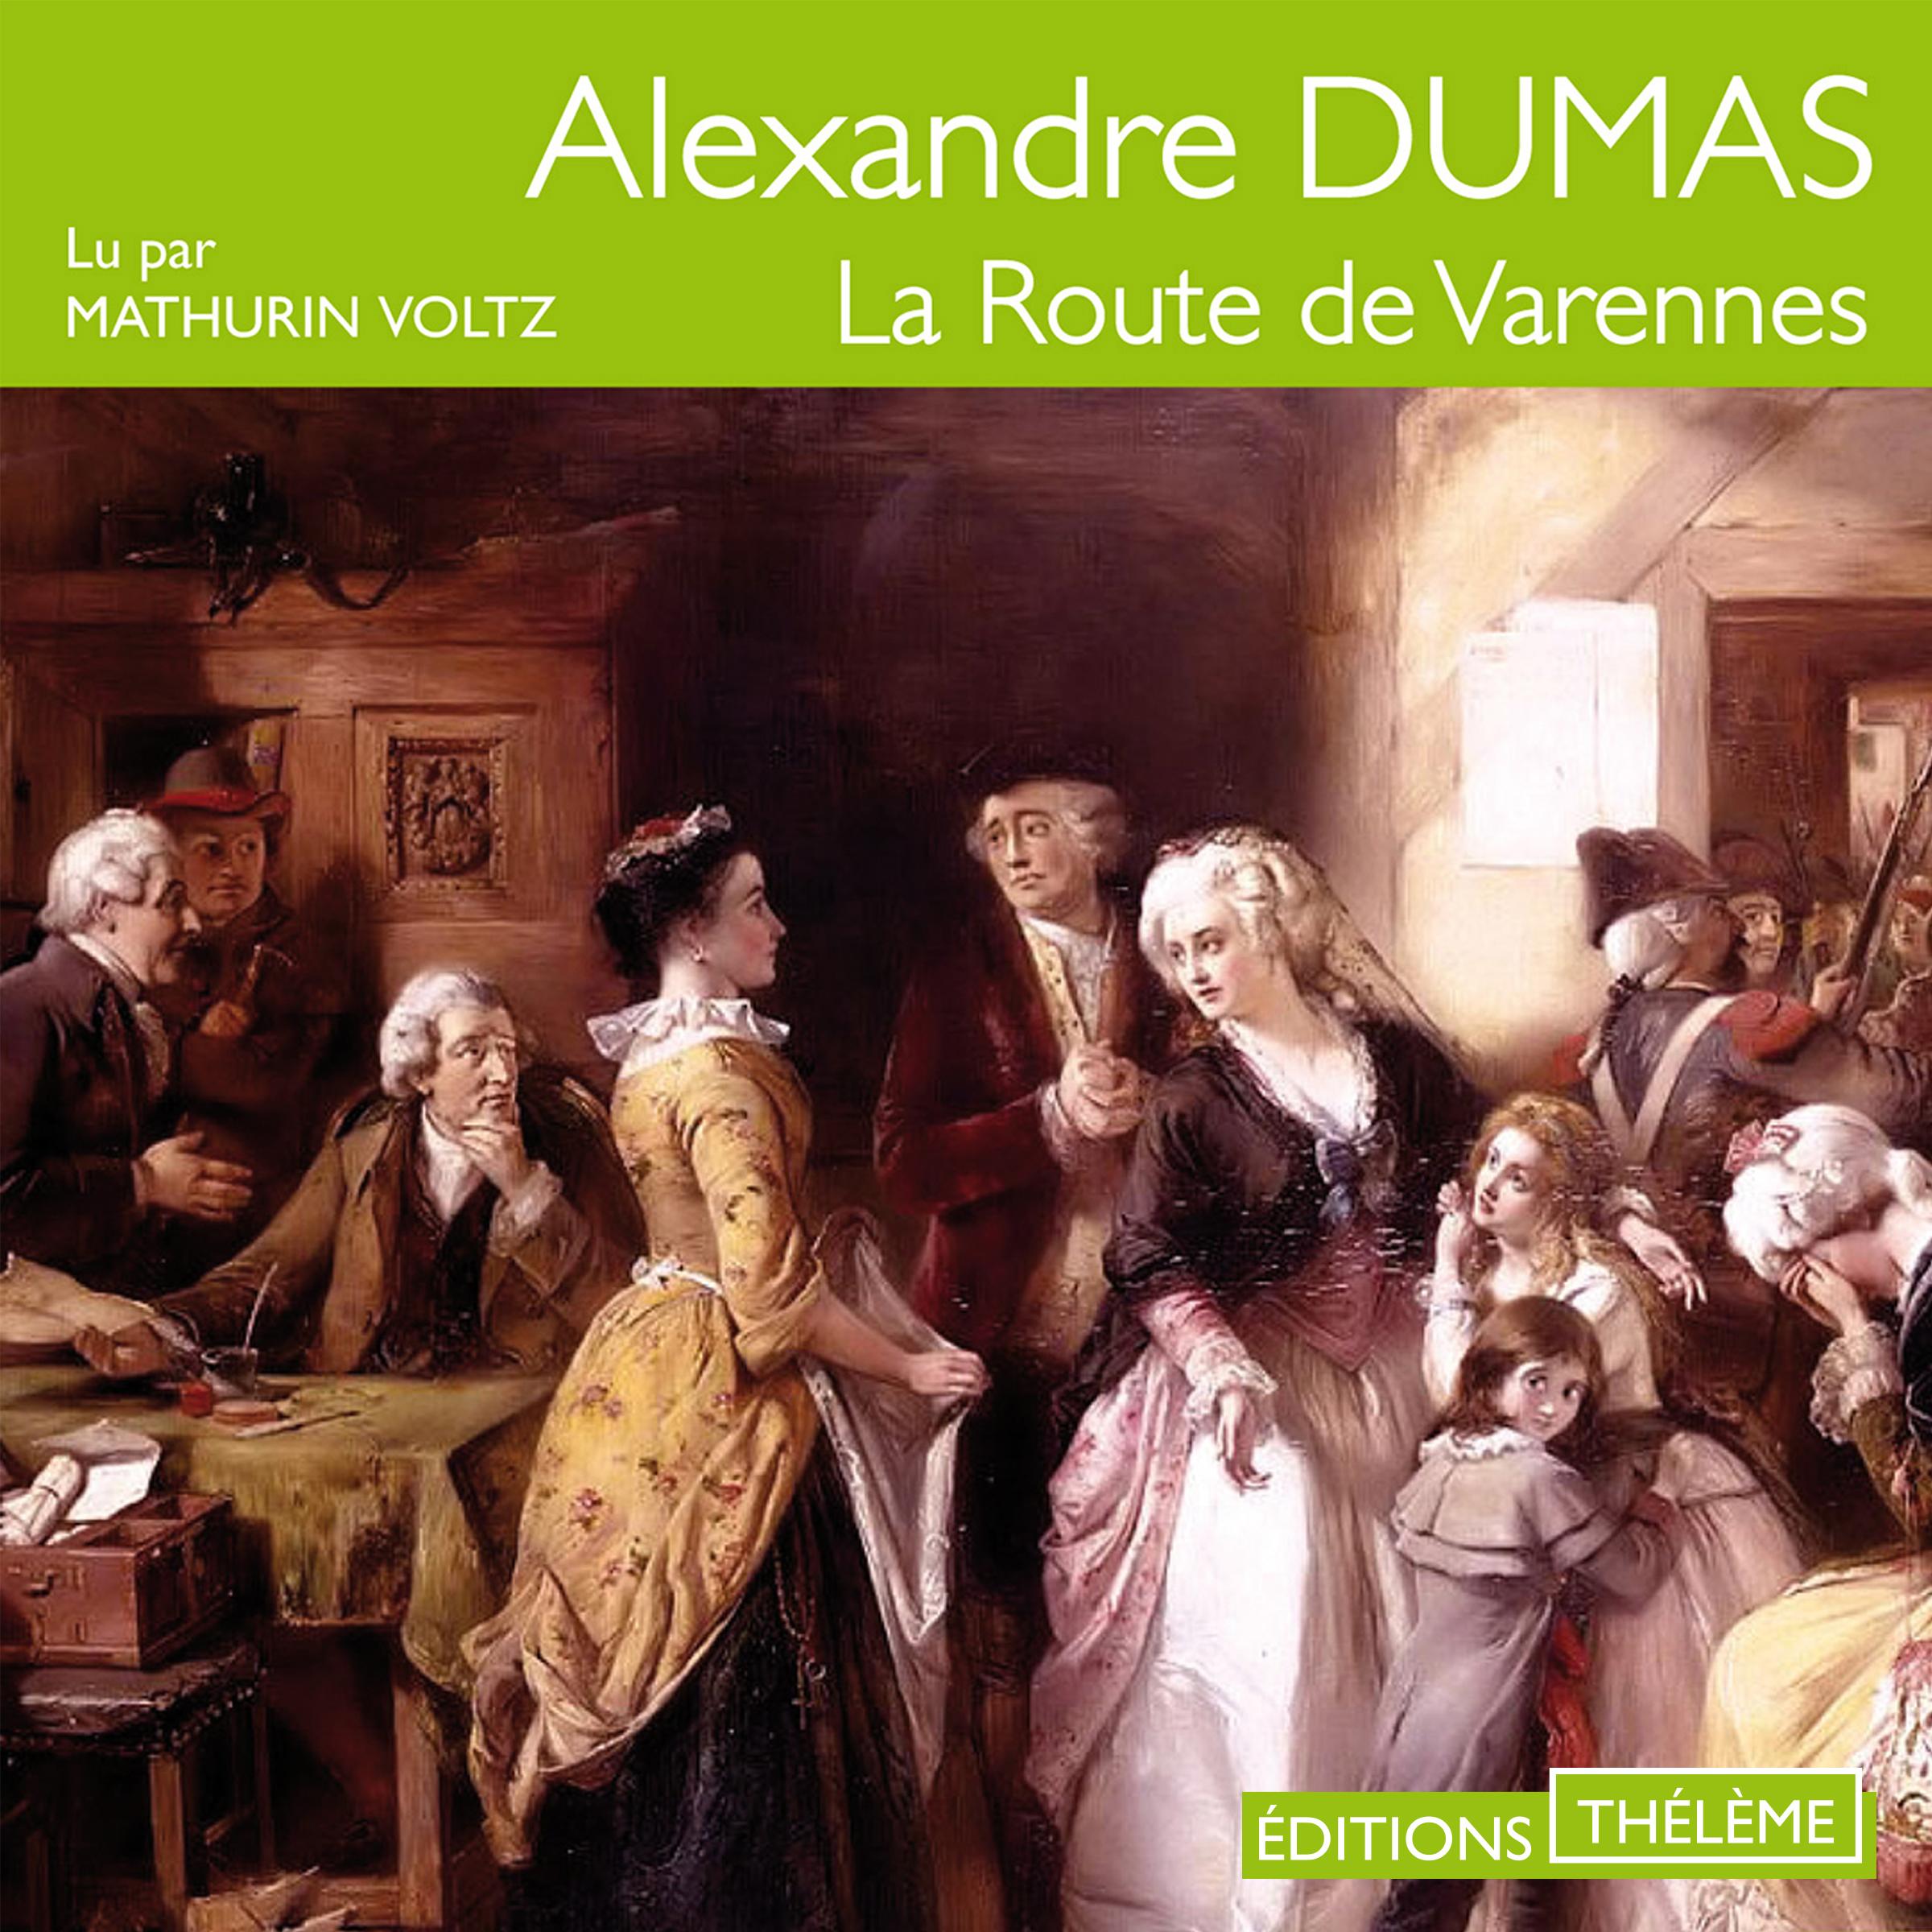 La route de Varennes